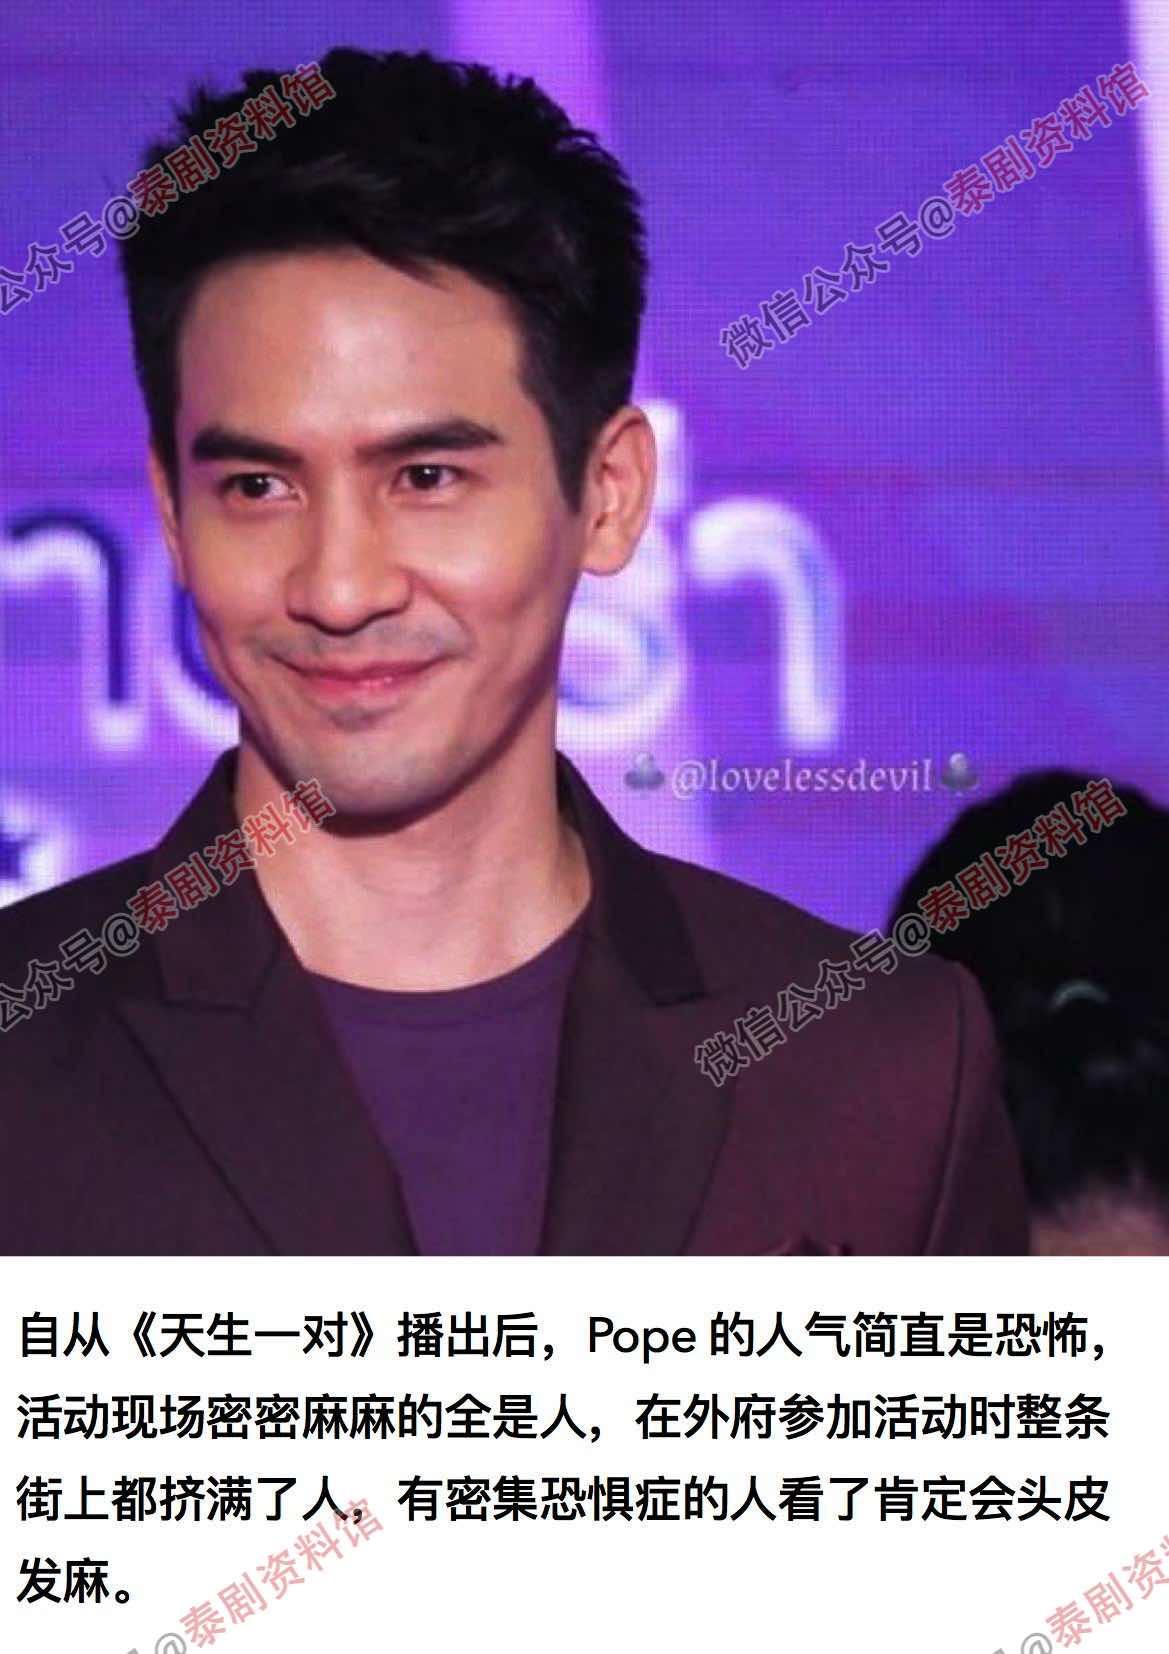 【泰娱新闻】商演活动现场人山人海的5位泰国明星